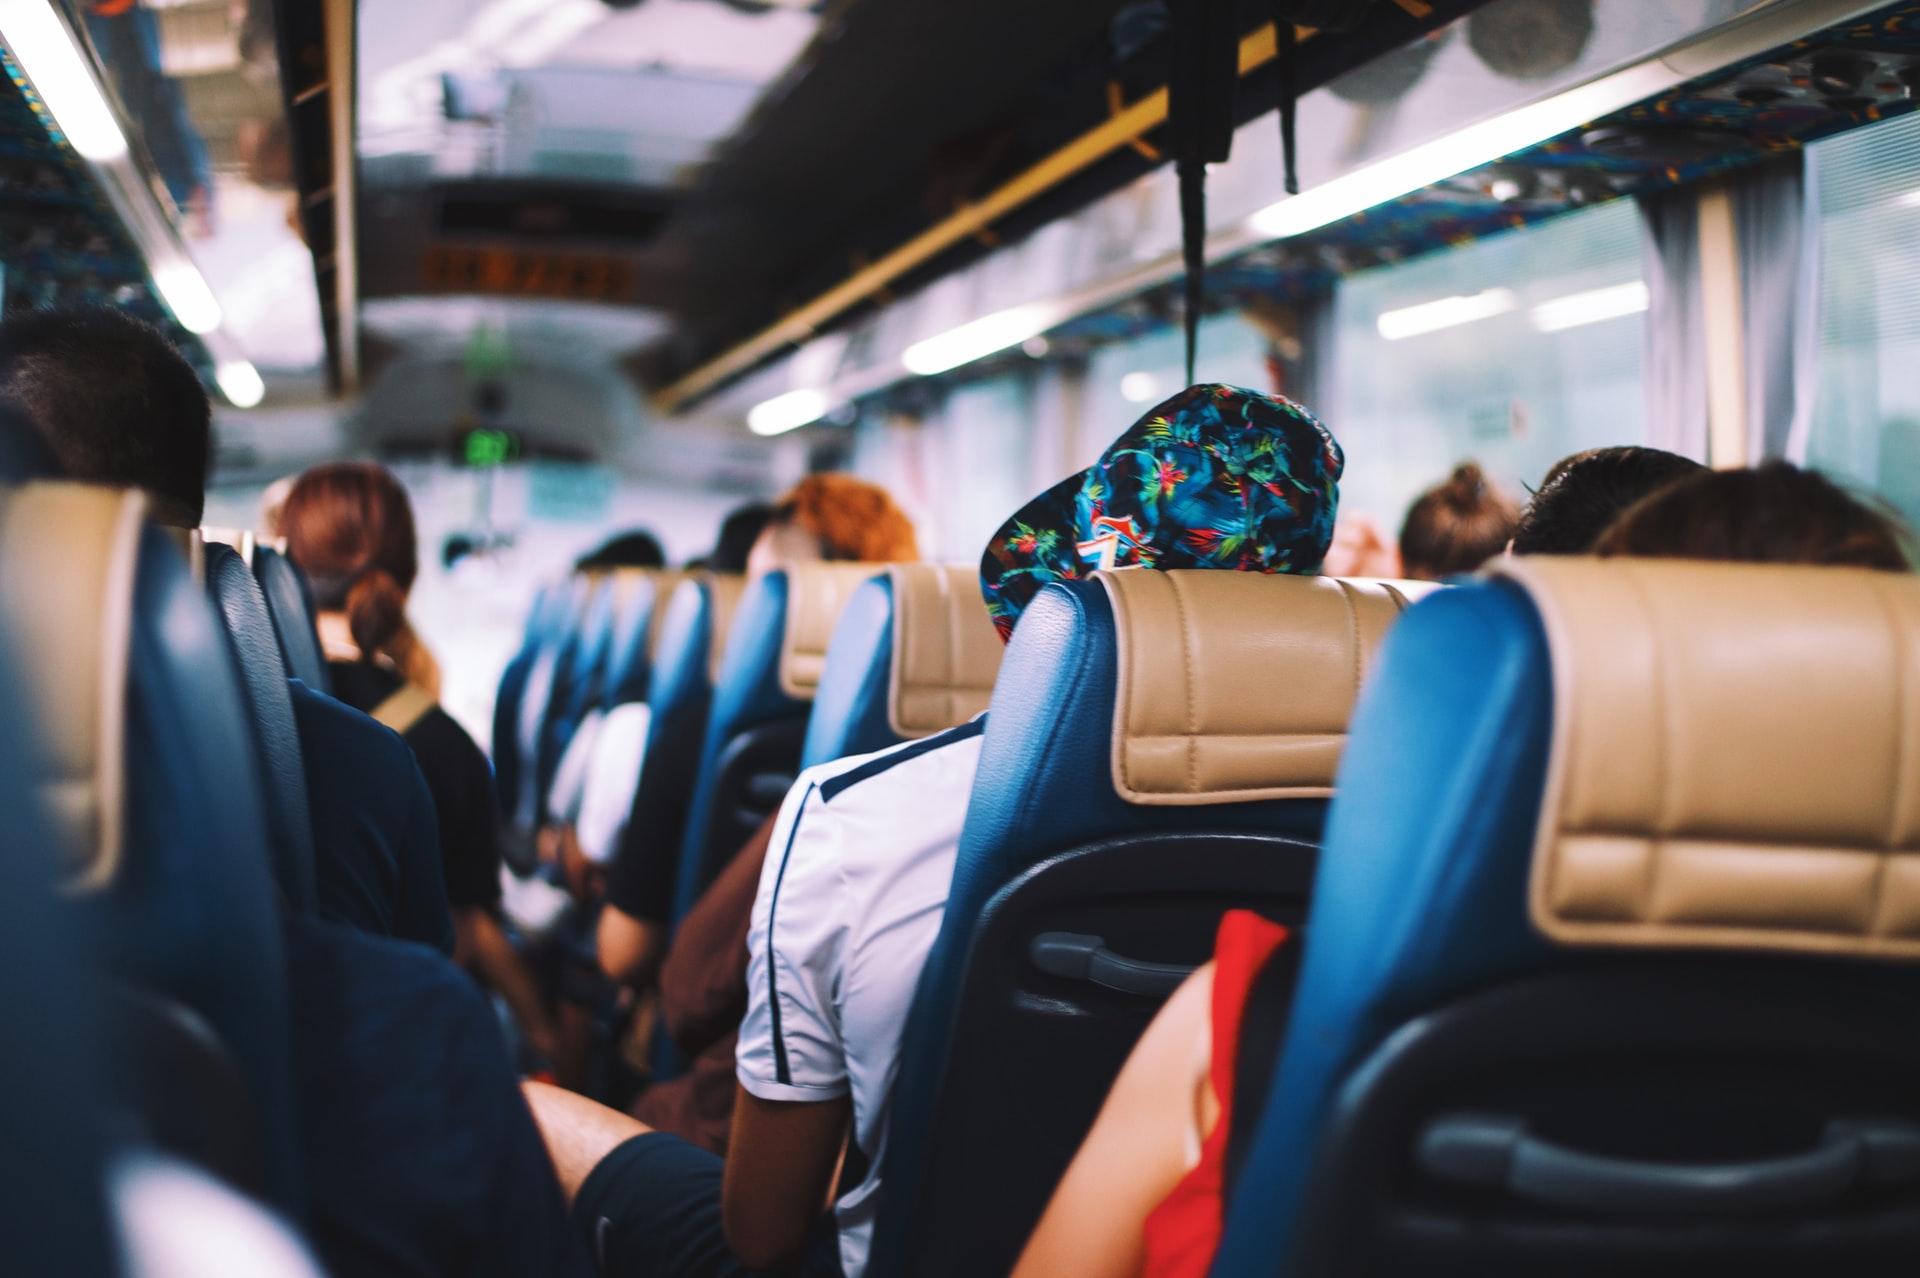 Călătorie cu autocarul| O treime din cei 68 de pasageri au fost infectați de un asimptomatic. Nu purtau măști